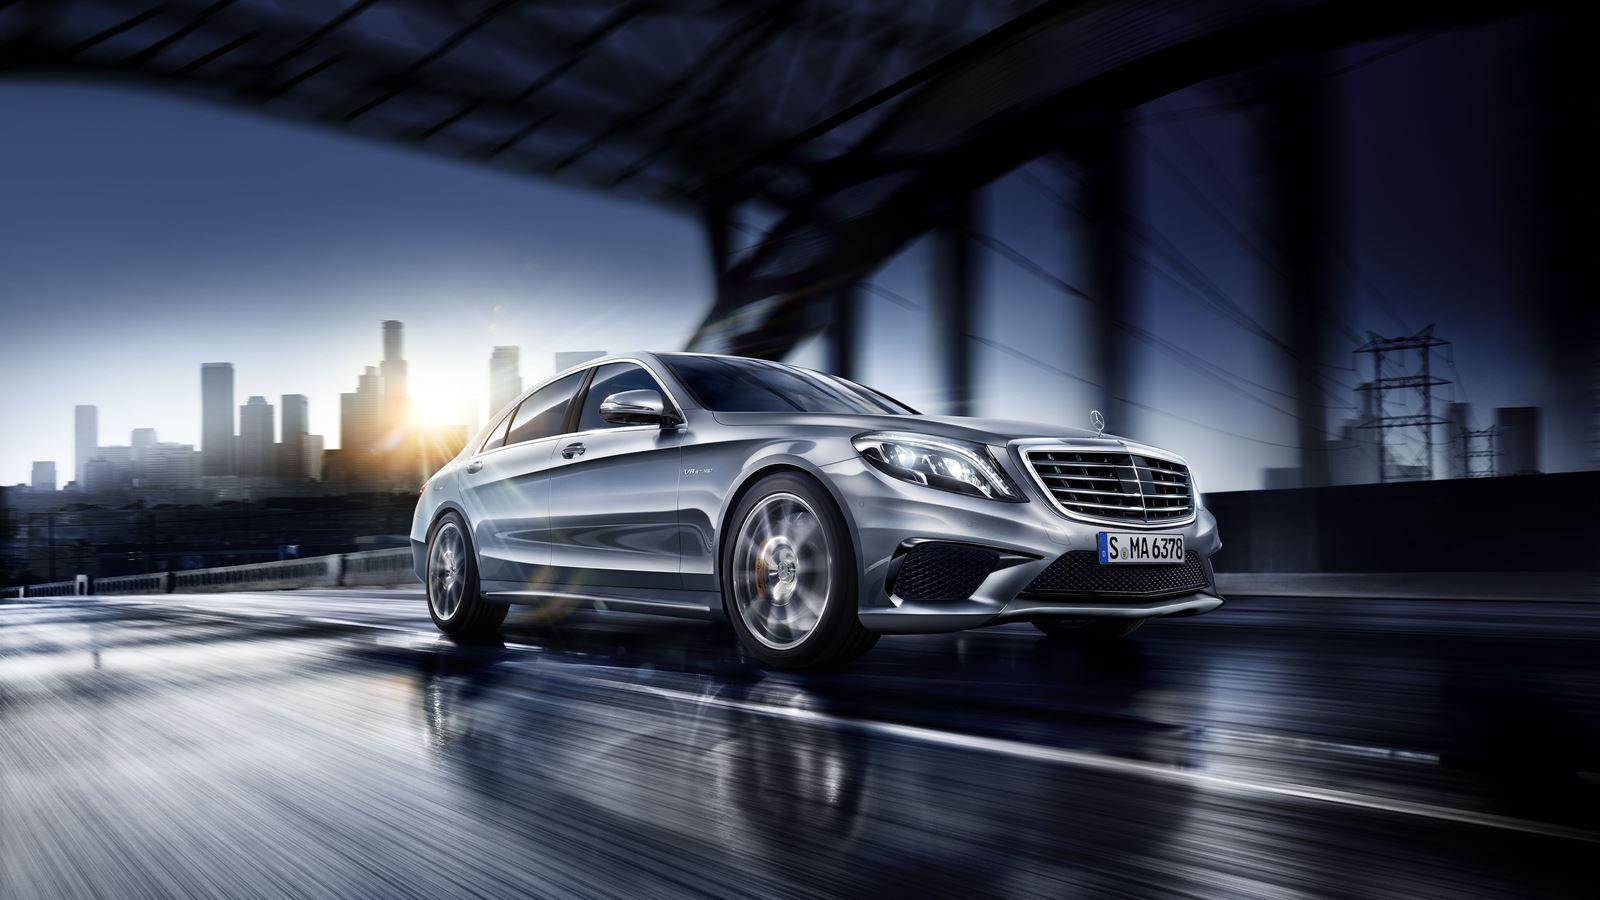 Mercedes Benz Car HD Wallpaper 1600x900